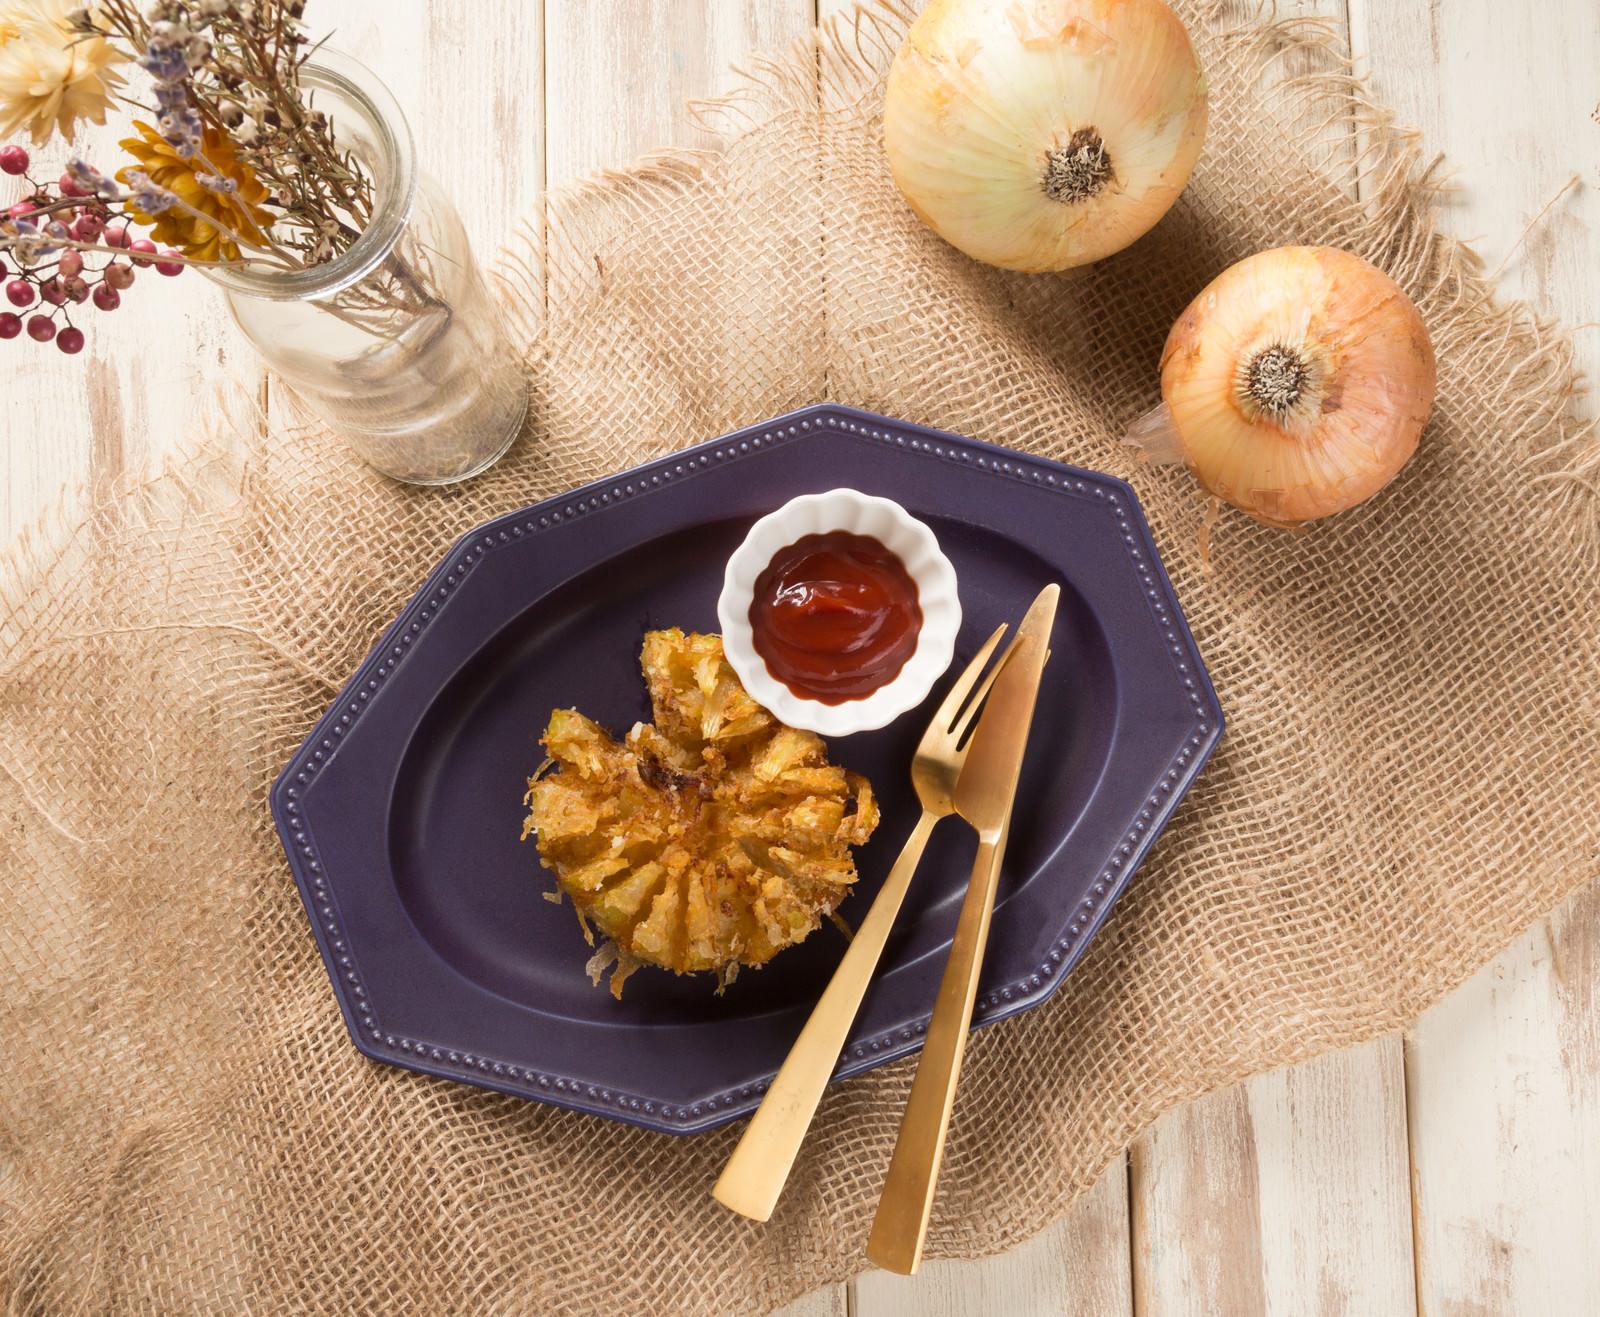 「玉ねぎをまるごと使った揚げ物料理玉ねぎをまるごと使った揚げ物料理」のフリー写真素材を拡大